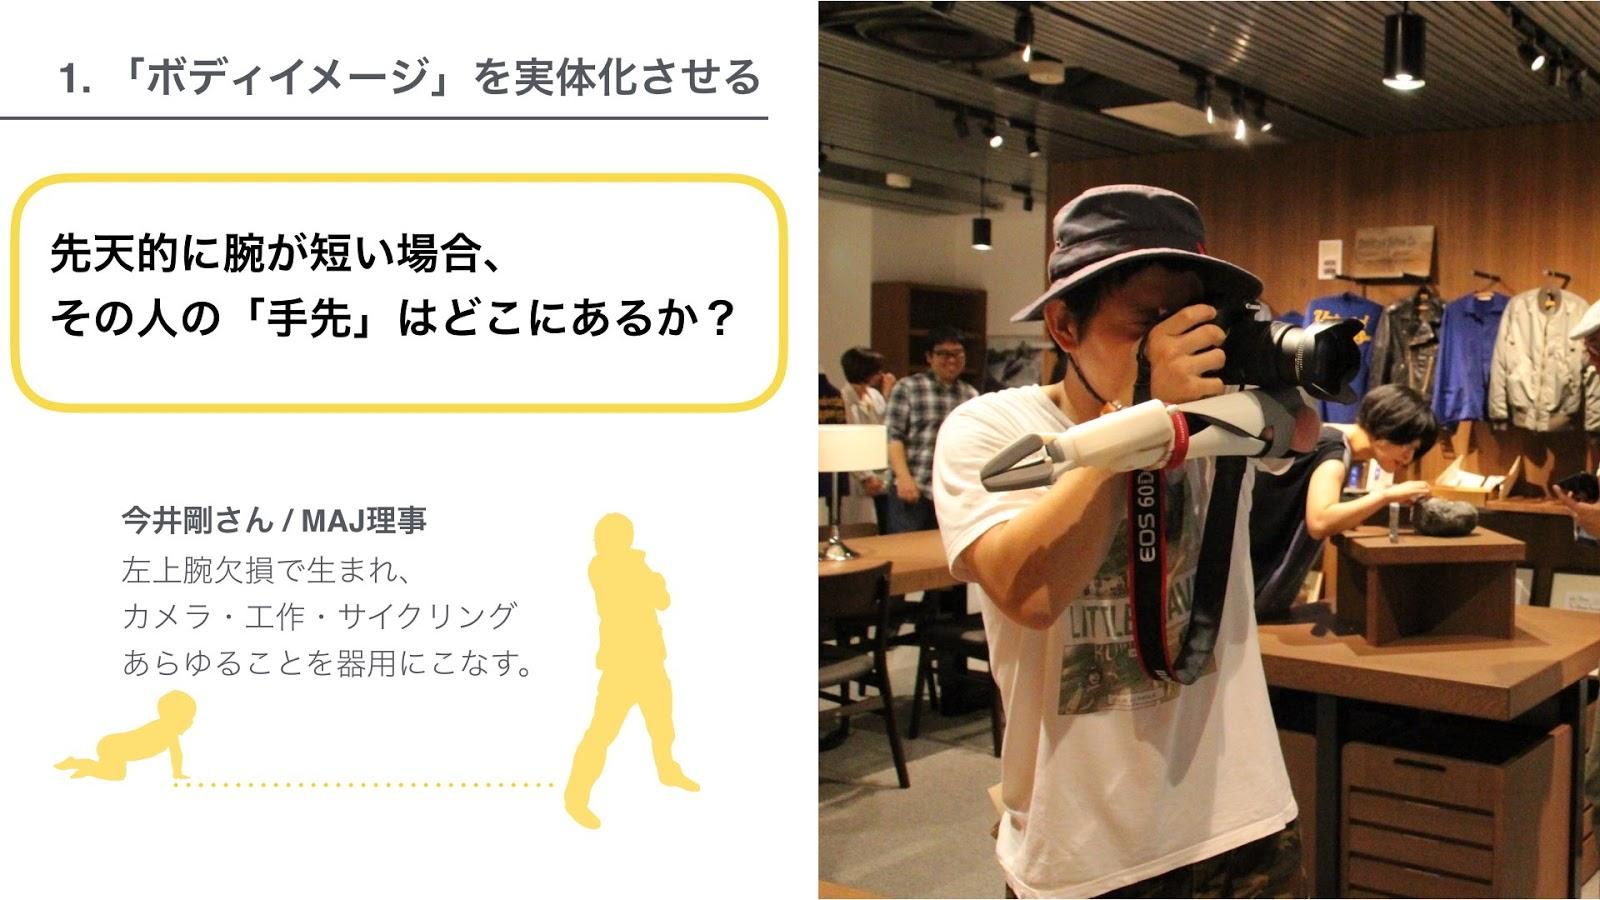 今井さんの写真